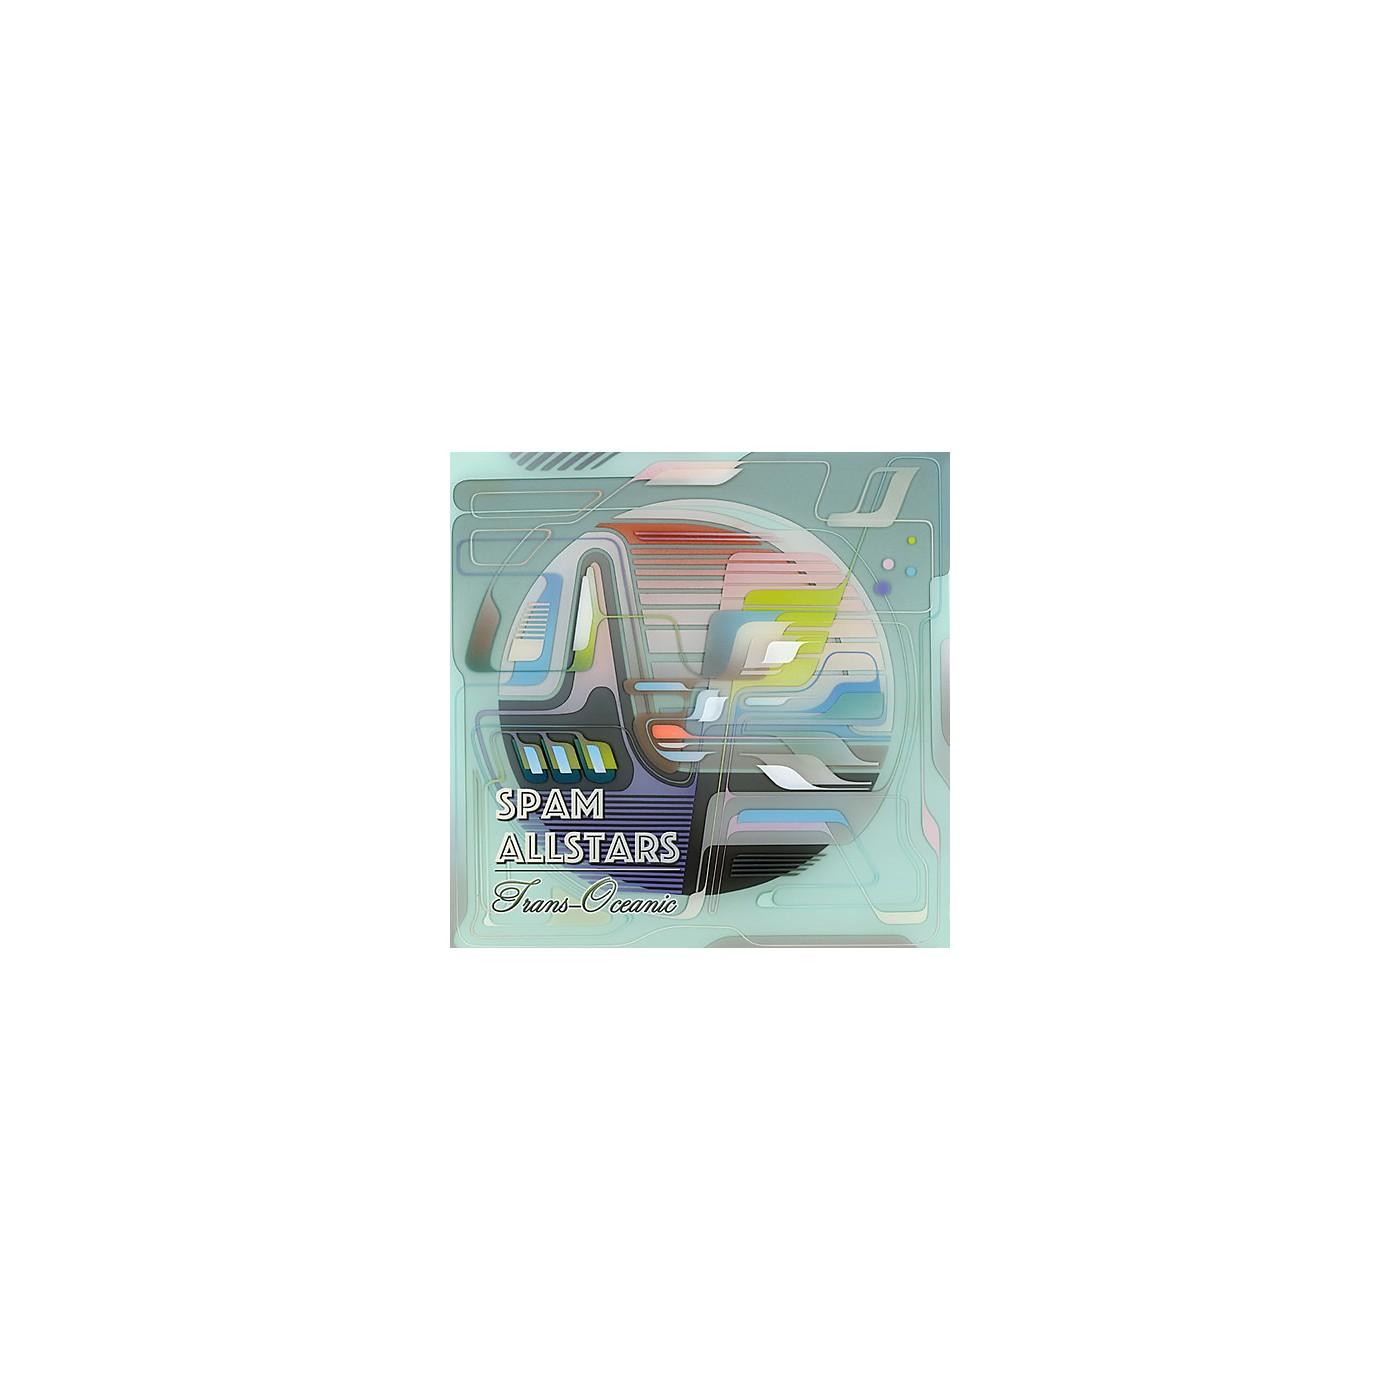 Alliance Spam All-Stars - Trans-oceanic thumbnail